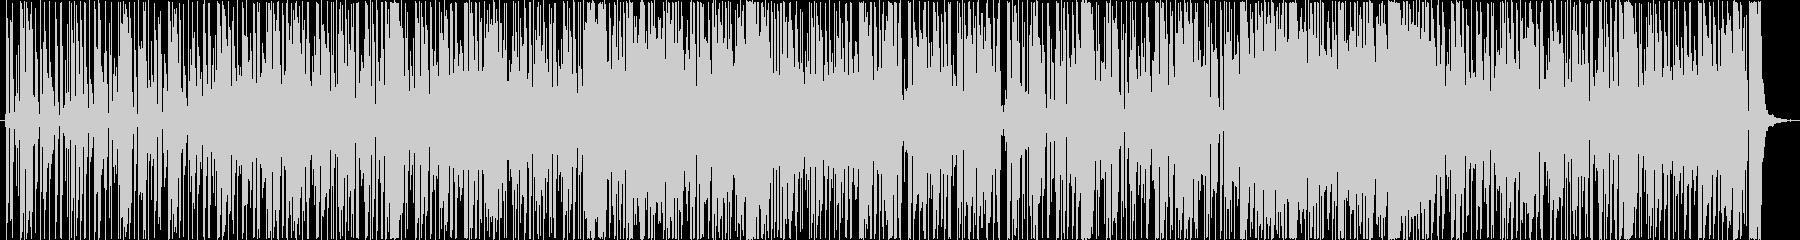 レトロでシックなファンキーサウンドの未再生の波形